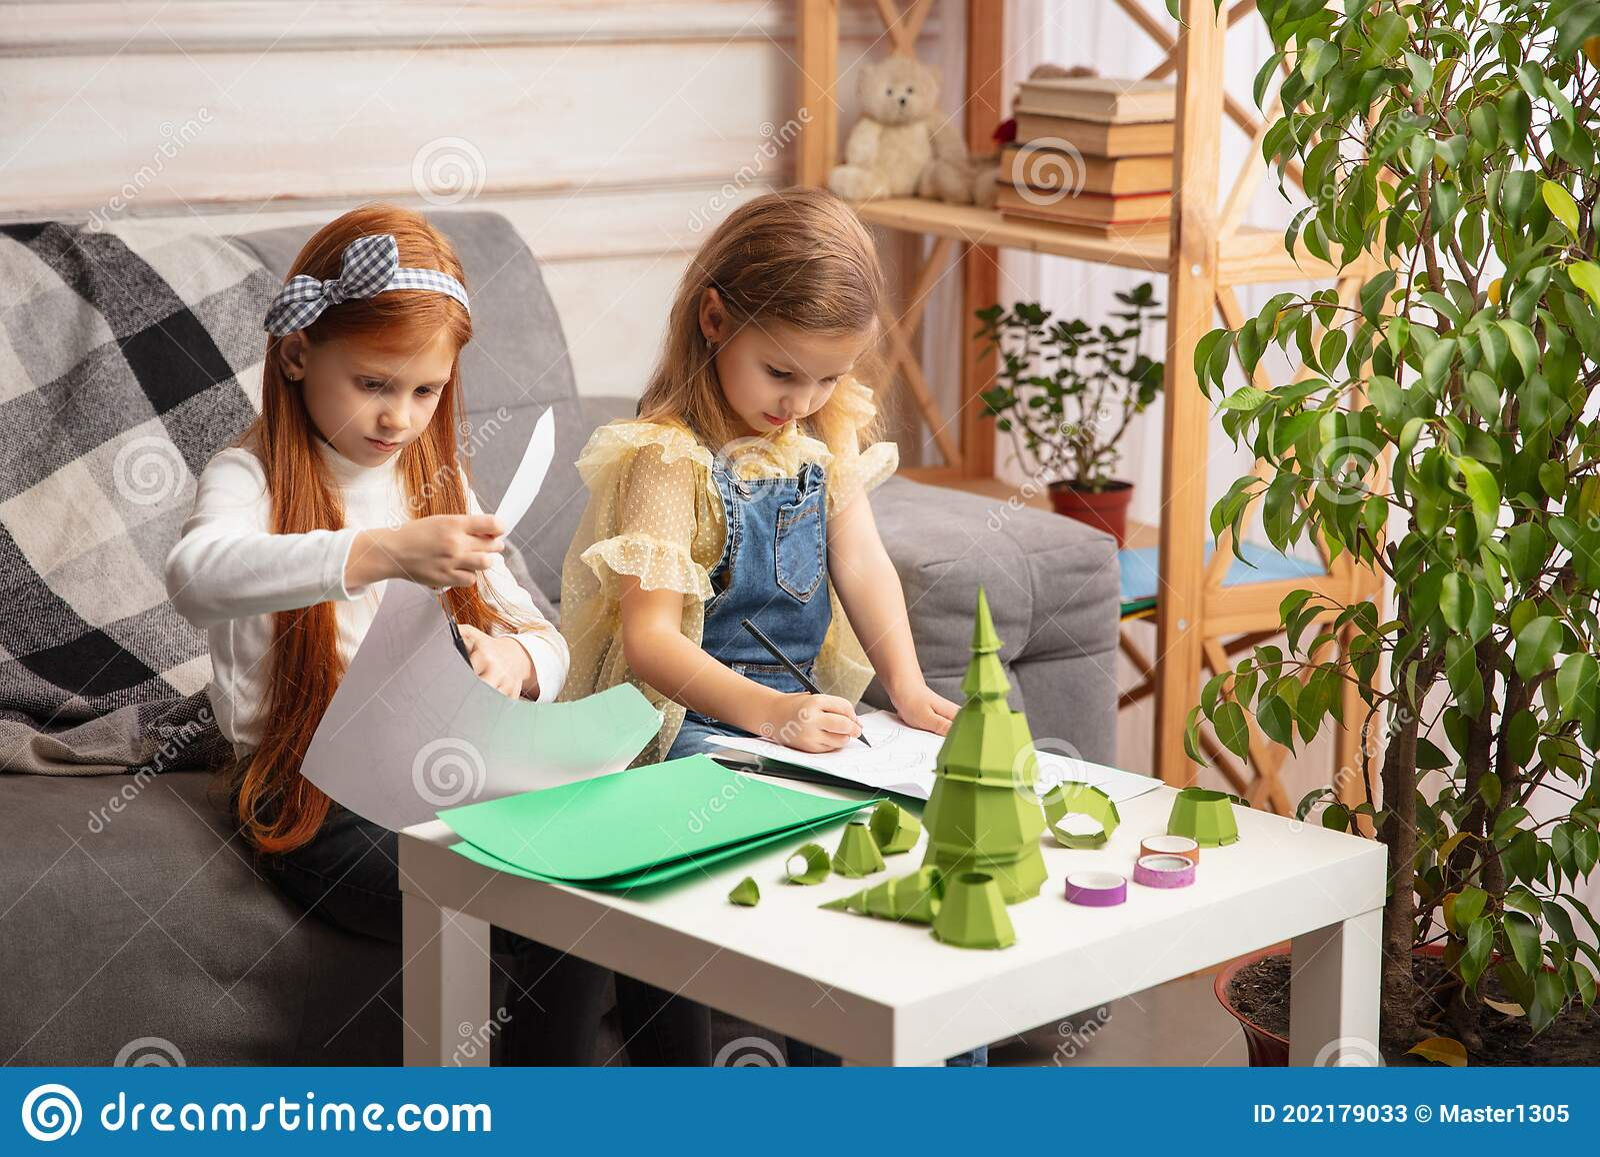 Работа девушкам с детьми лера журавлева